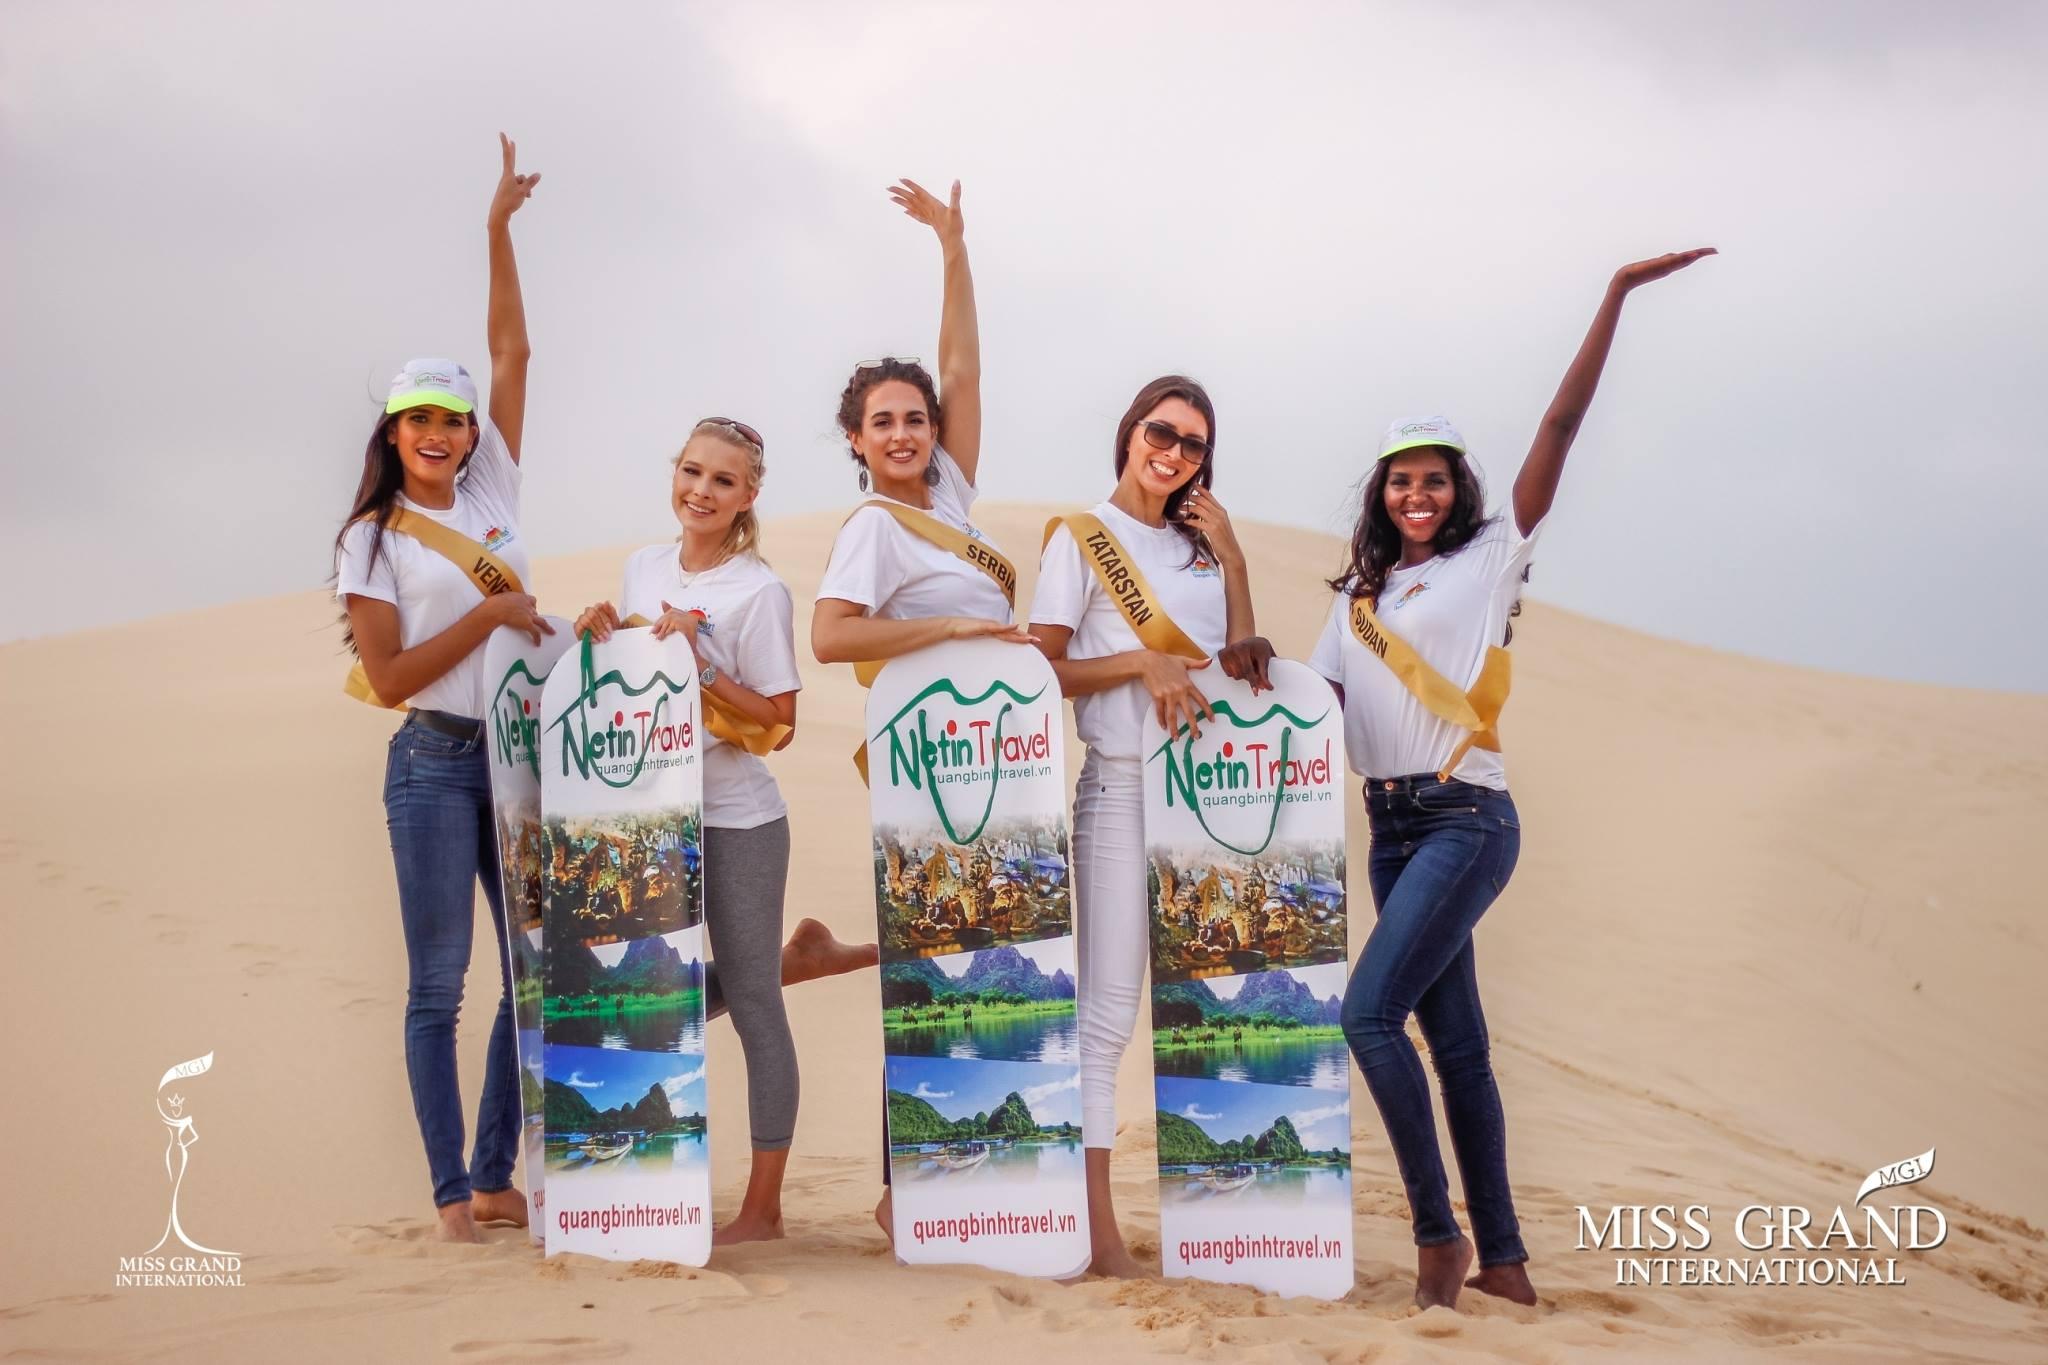 Hoa hậu các nước trượt cát ở đồi cát Quang Phú